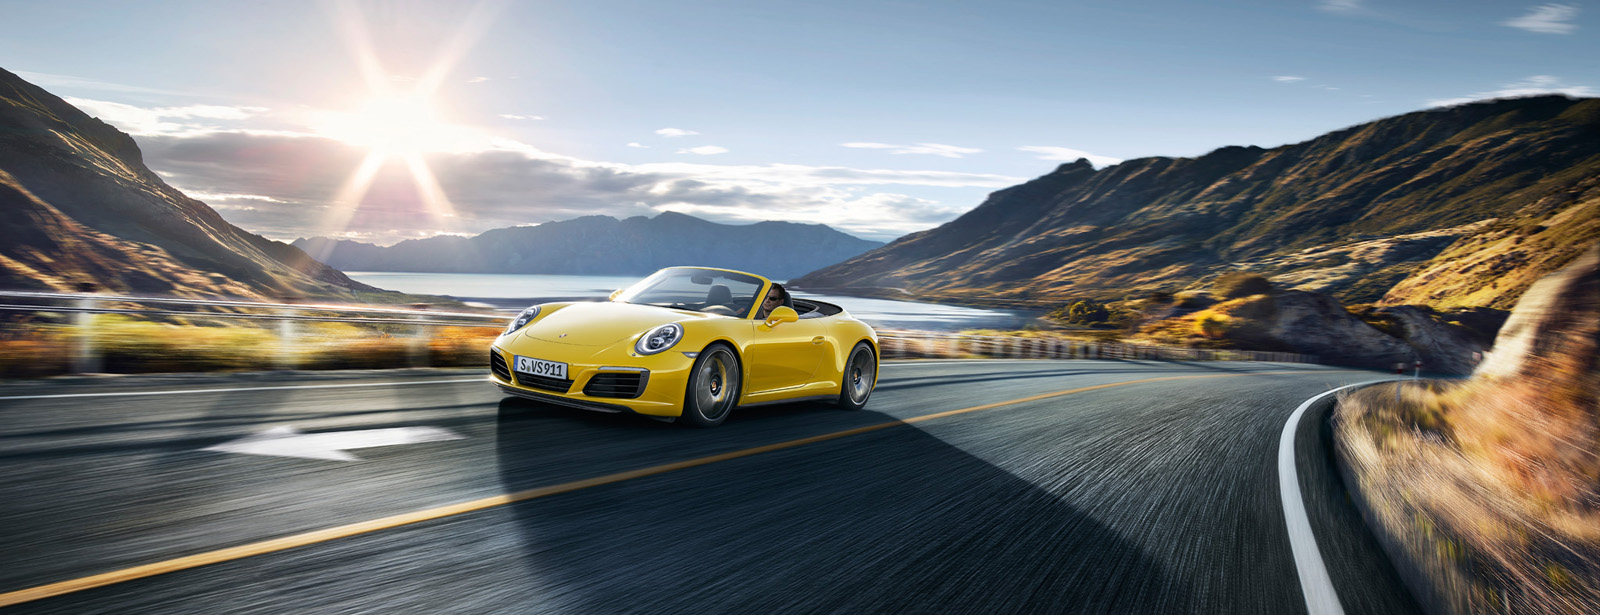 Porsche Klimaanlagen Erfrischung